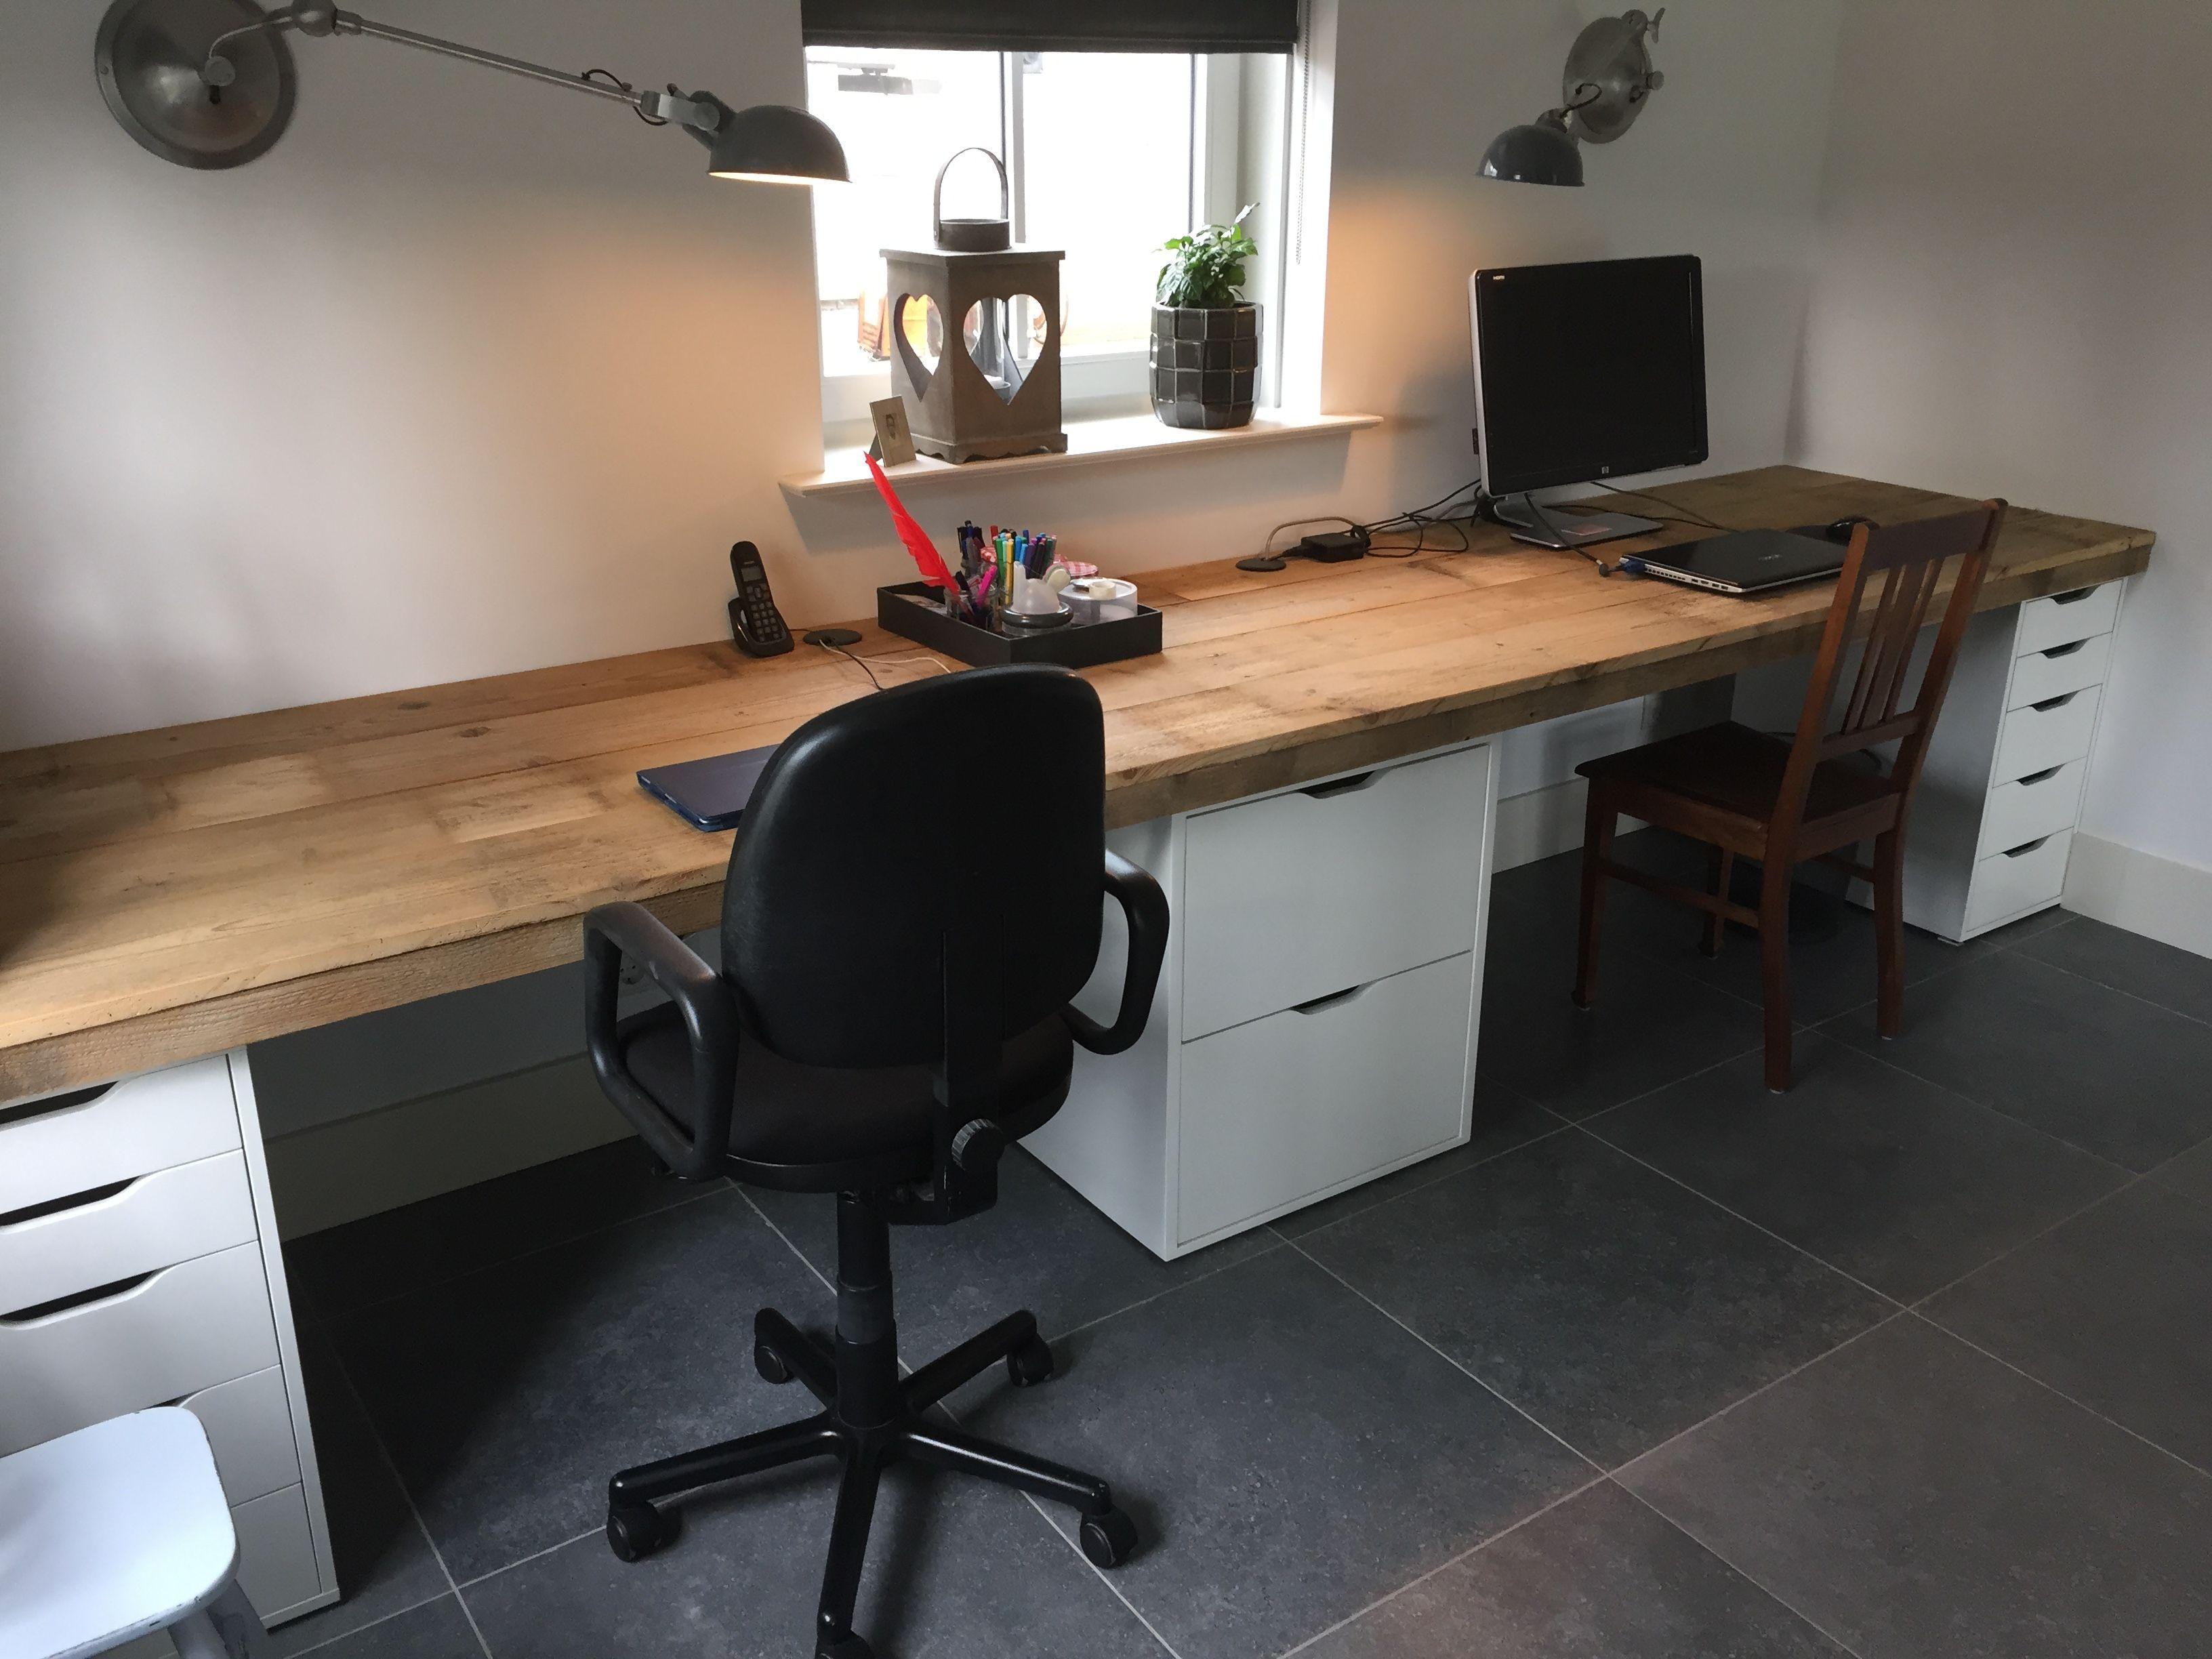 Bureau En Ladenkast.Oude Vloerplanken Met Kasten Van Ikea En Een Eigengemaakte Ladenkast